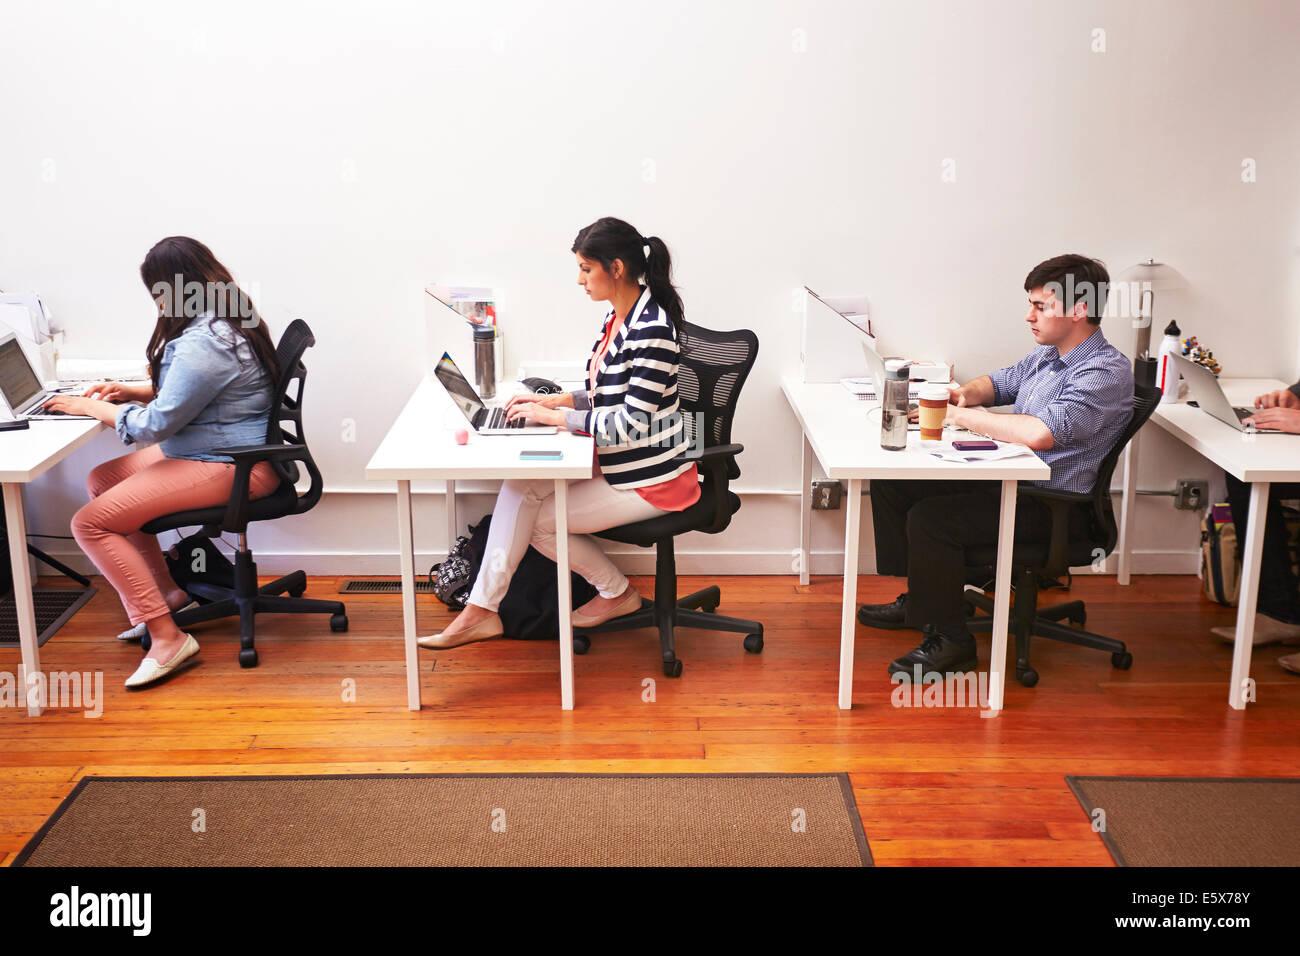 Reihe von Menschen, die Arbeiten am Schreibtisch im Büro Stockbild